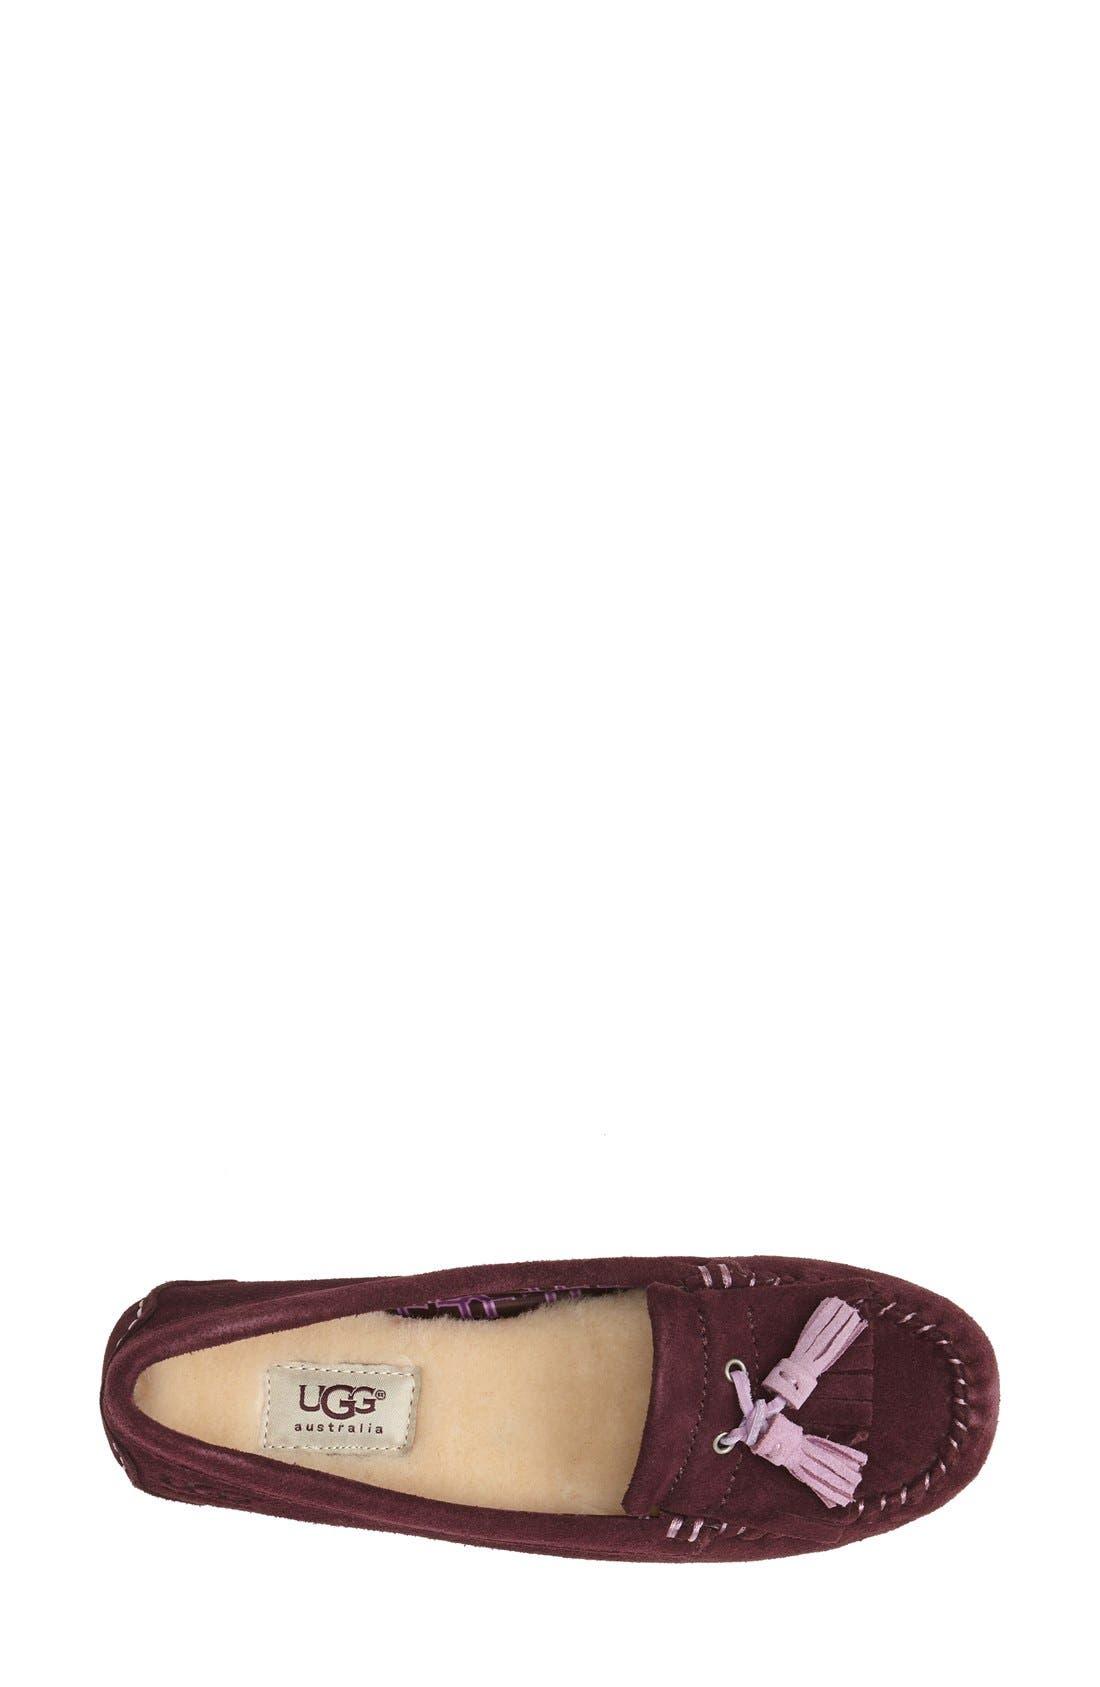 Alternate Image 3  - UGG® Australia 'Lizzy' Slipper (Women)